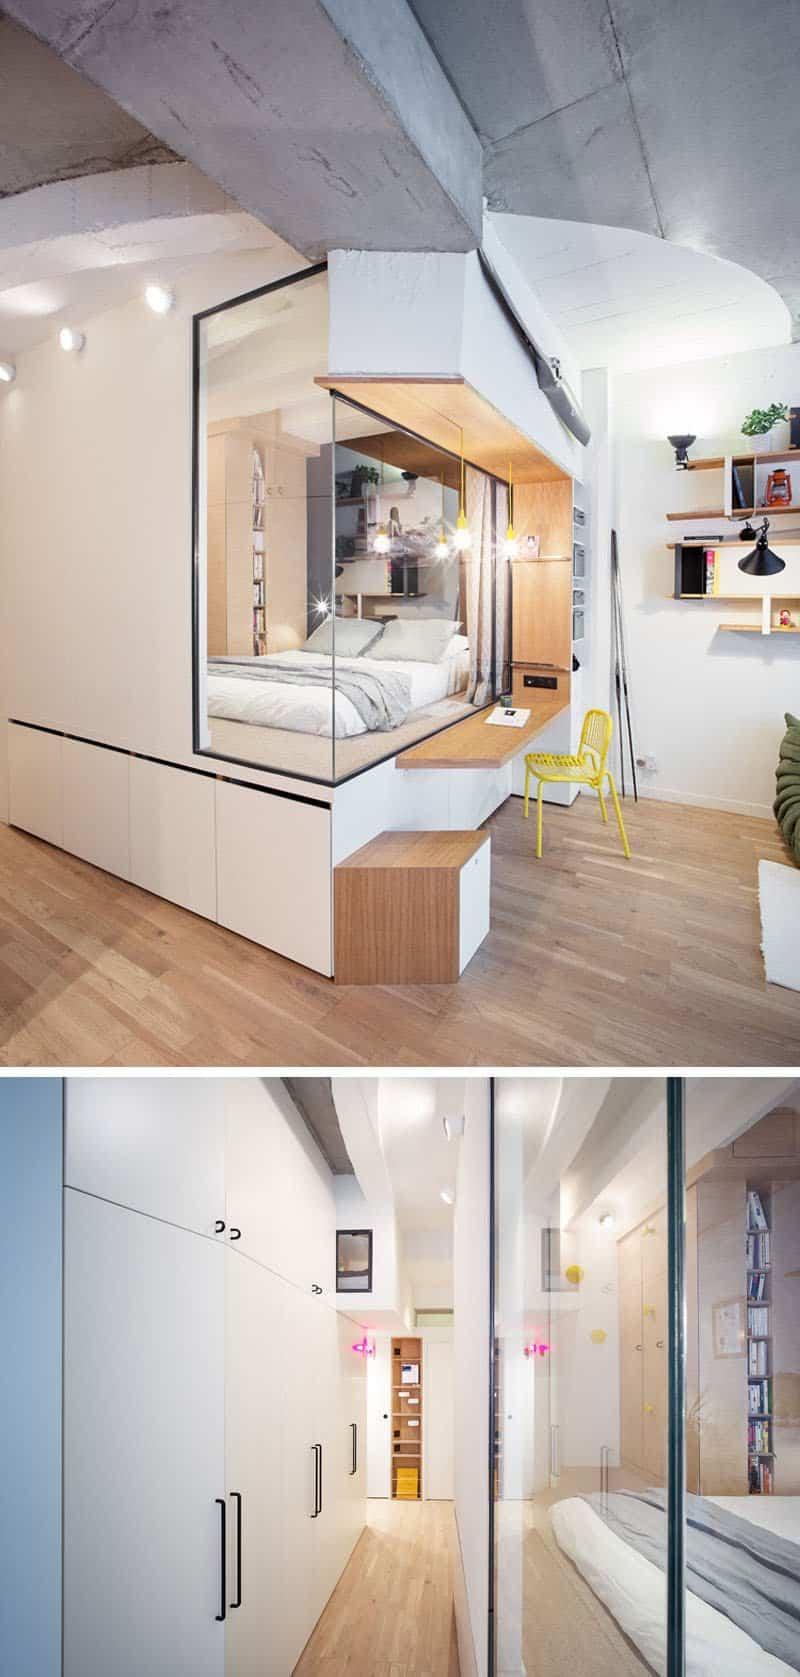 Apartamento con soluciones creativas para espacios pequeños